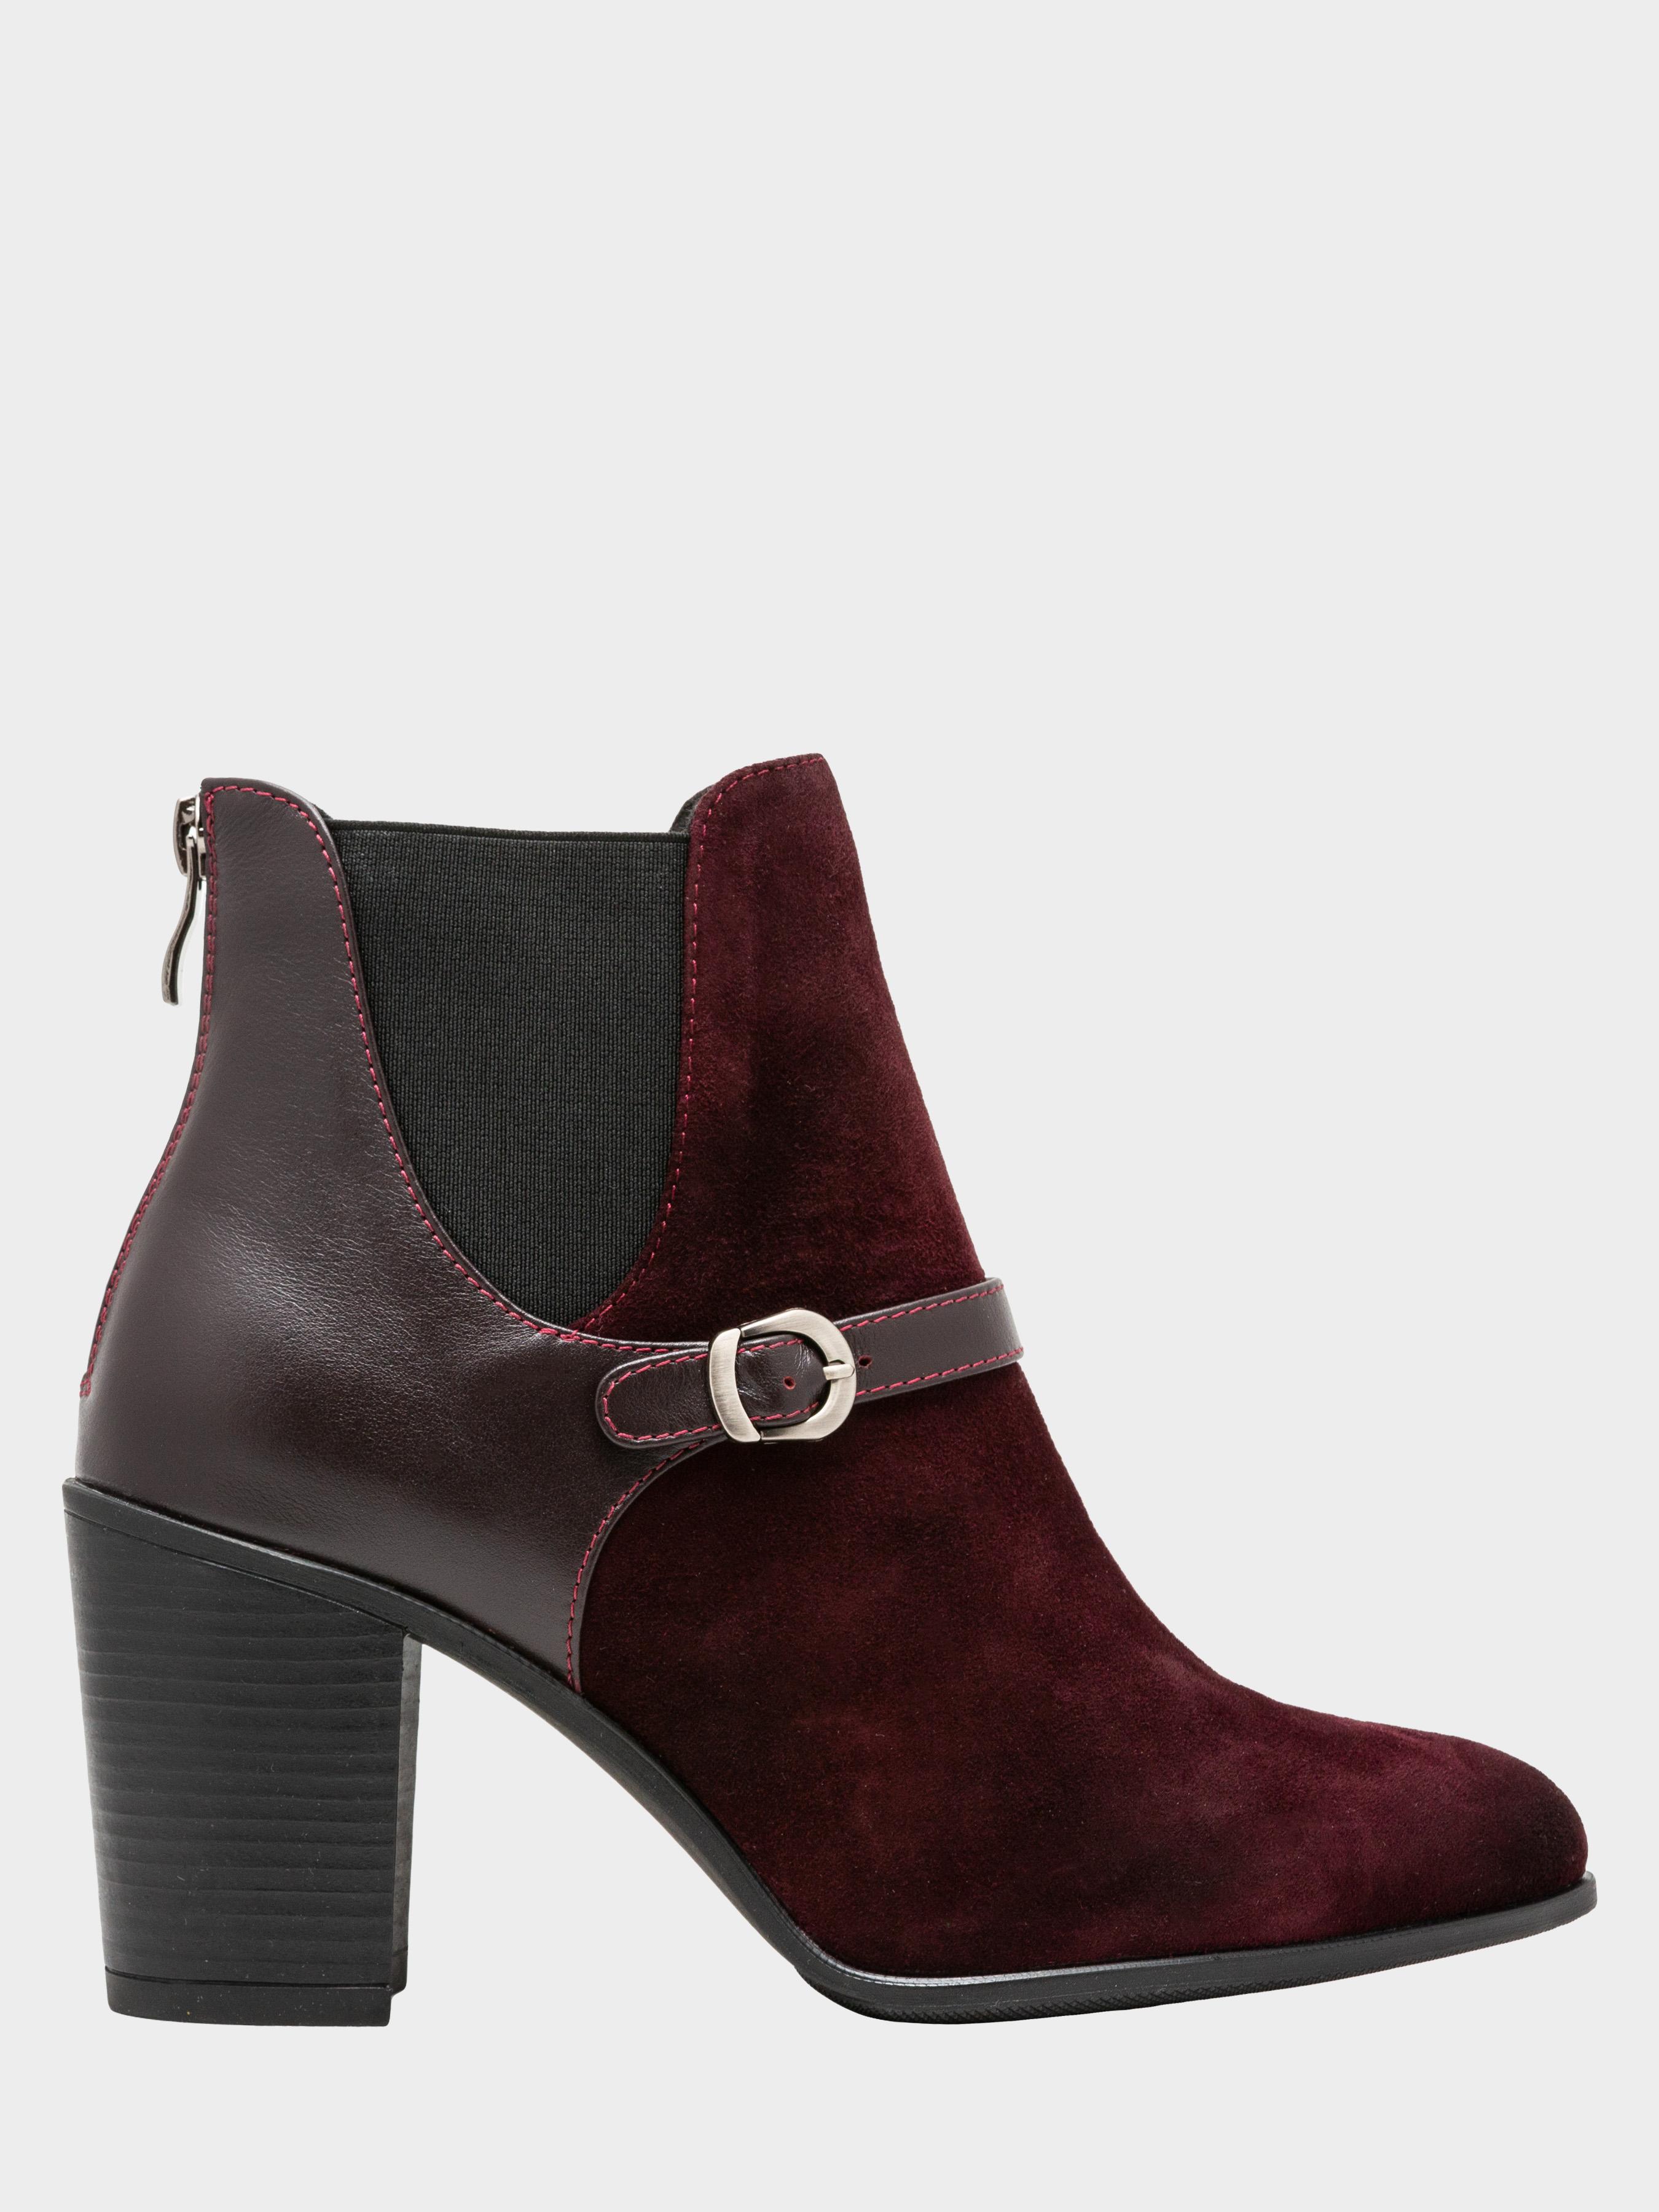 Ботинки для женщин Ботинки женские ENZO VERRATTI 18-9695-2bo цена, 2017